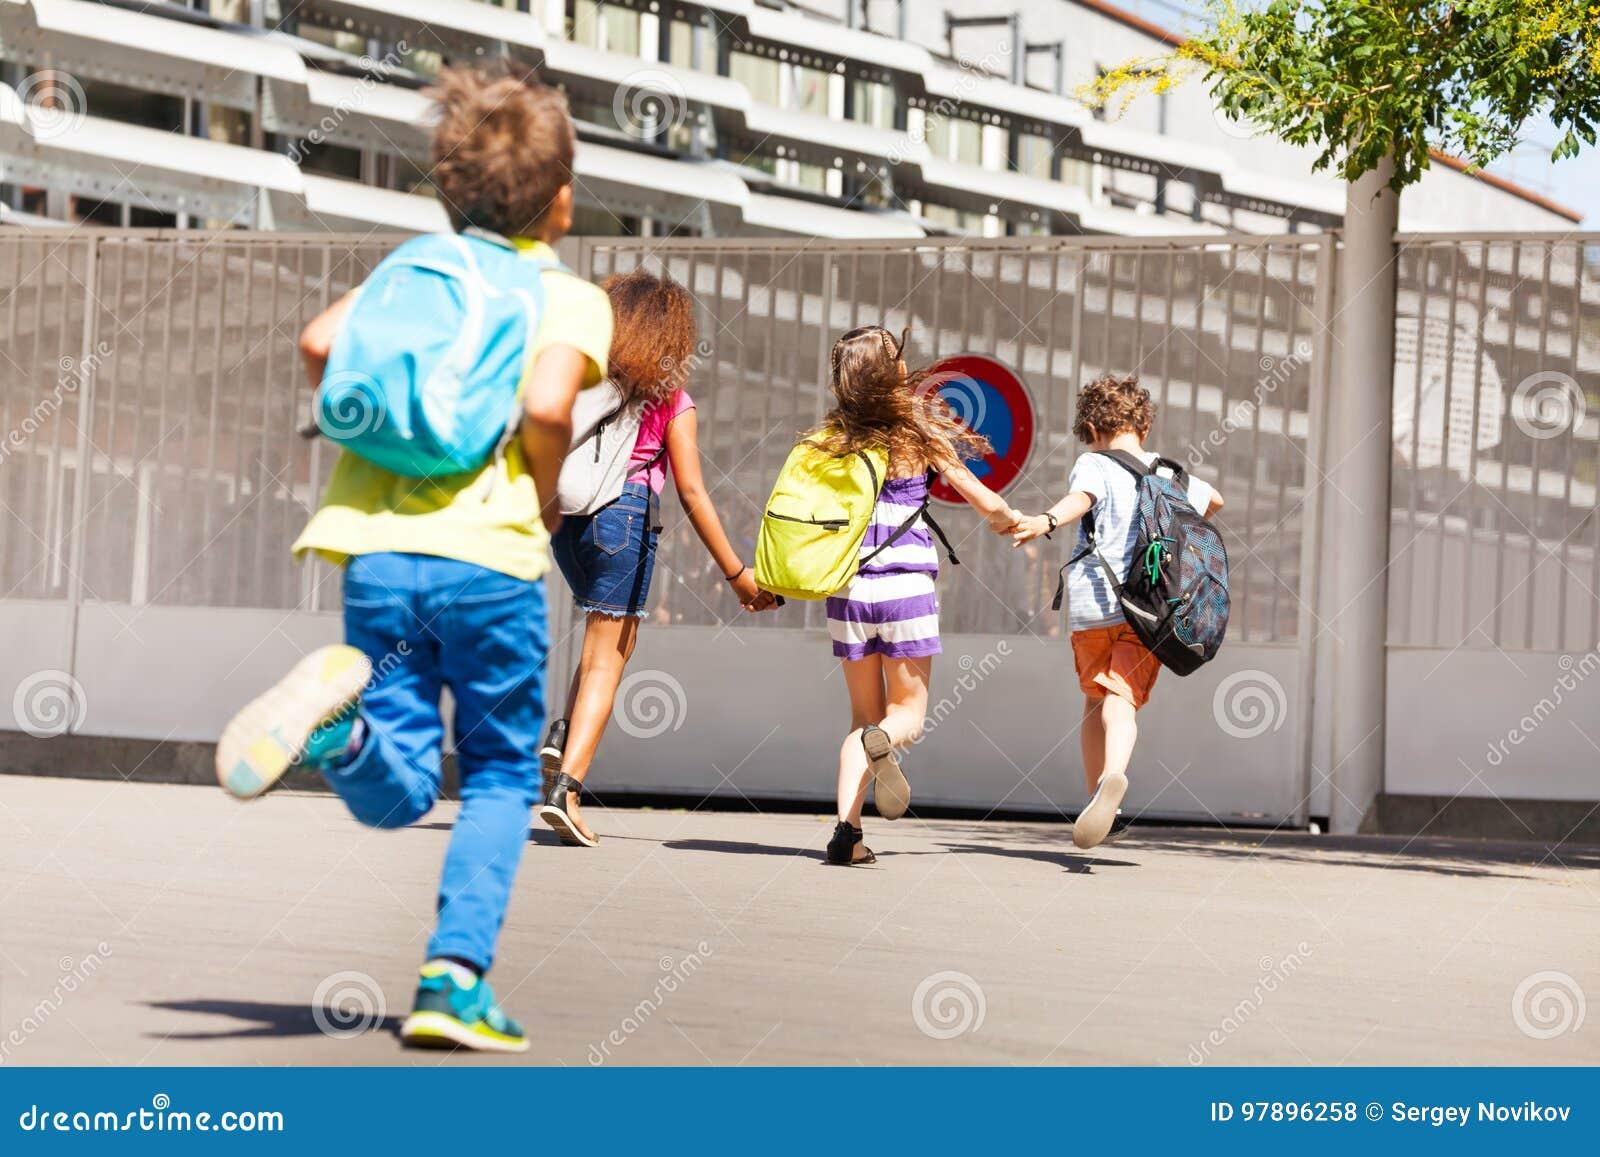 Grupo de crianças corridas à escola um após o outro